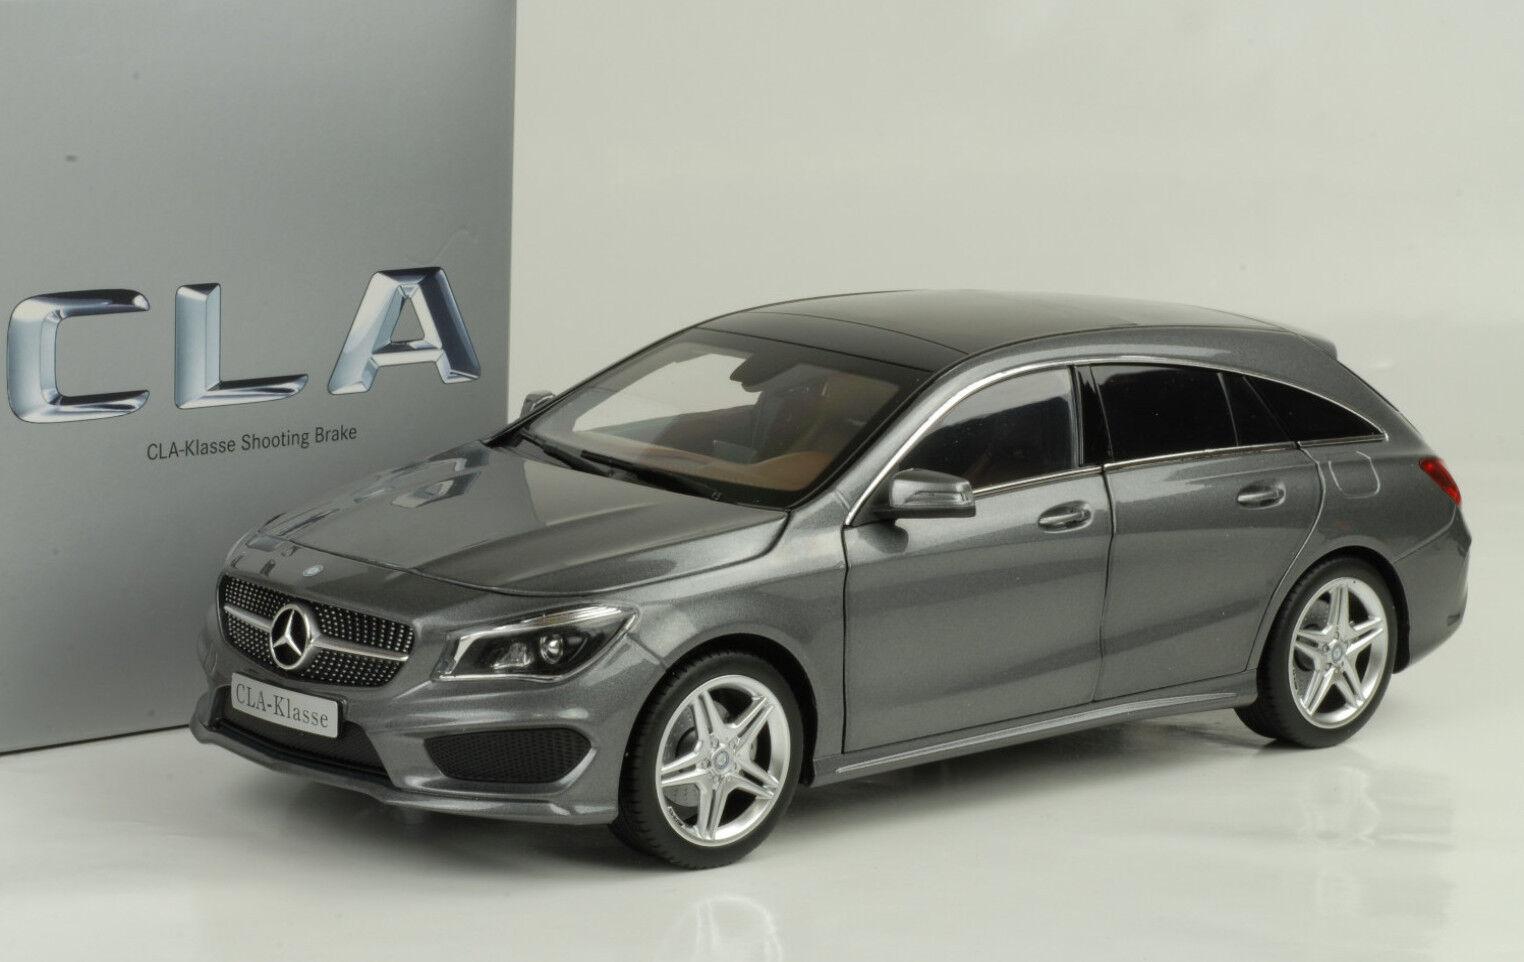 2015 Mercedes-Benz CLA Class Shooting Brake Mountain Grey 1 18 Norev DEALER